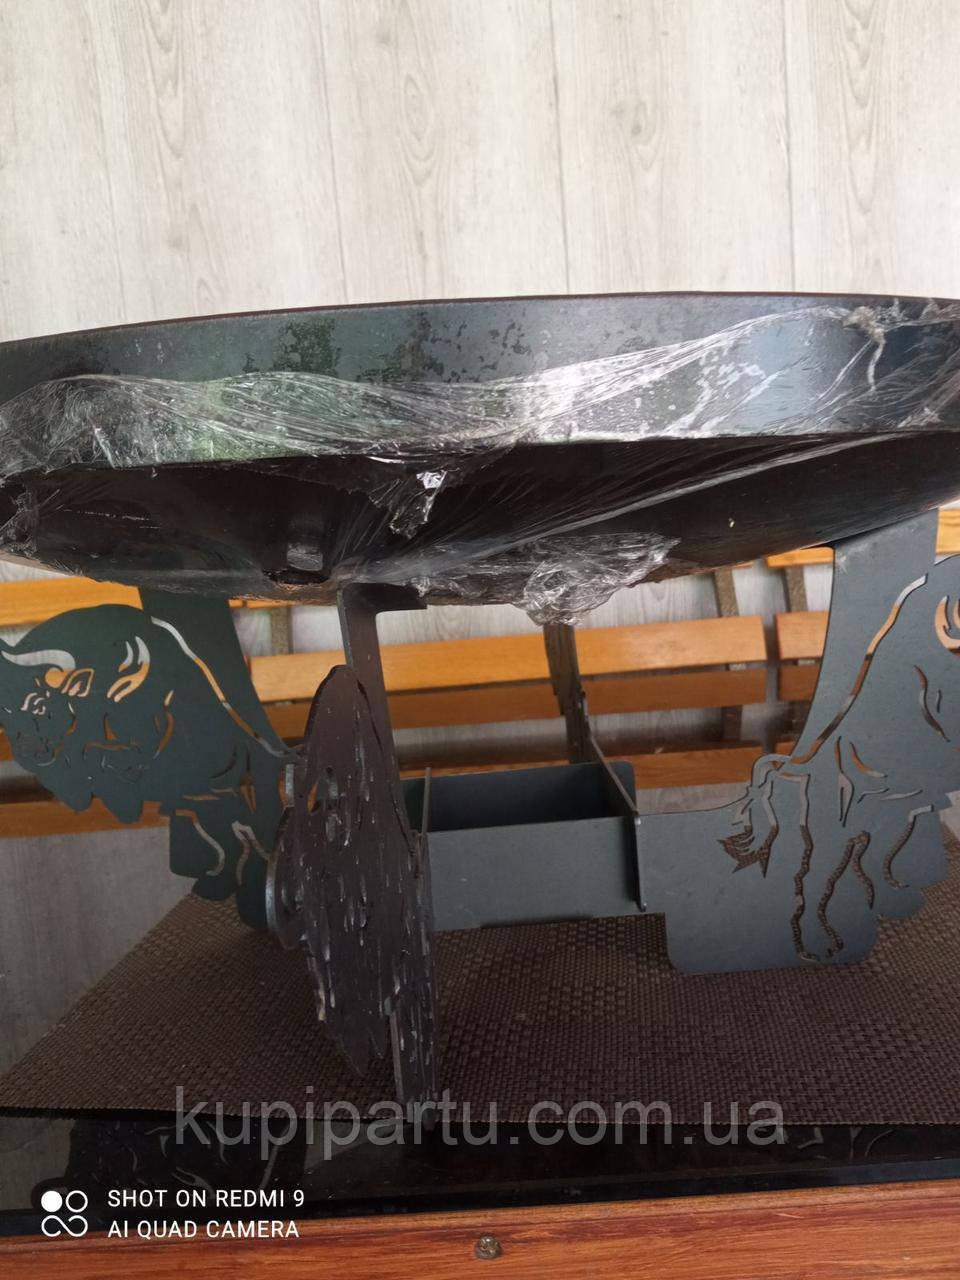 Подска металева для сковороди з диска, борони розбірна 40-50-60 см ПМ-1